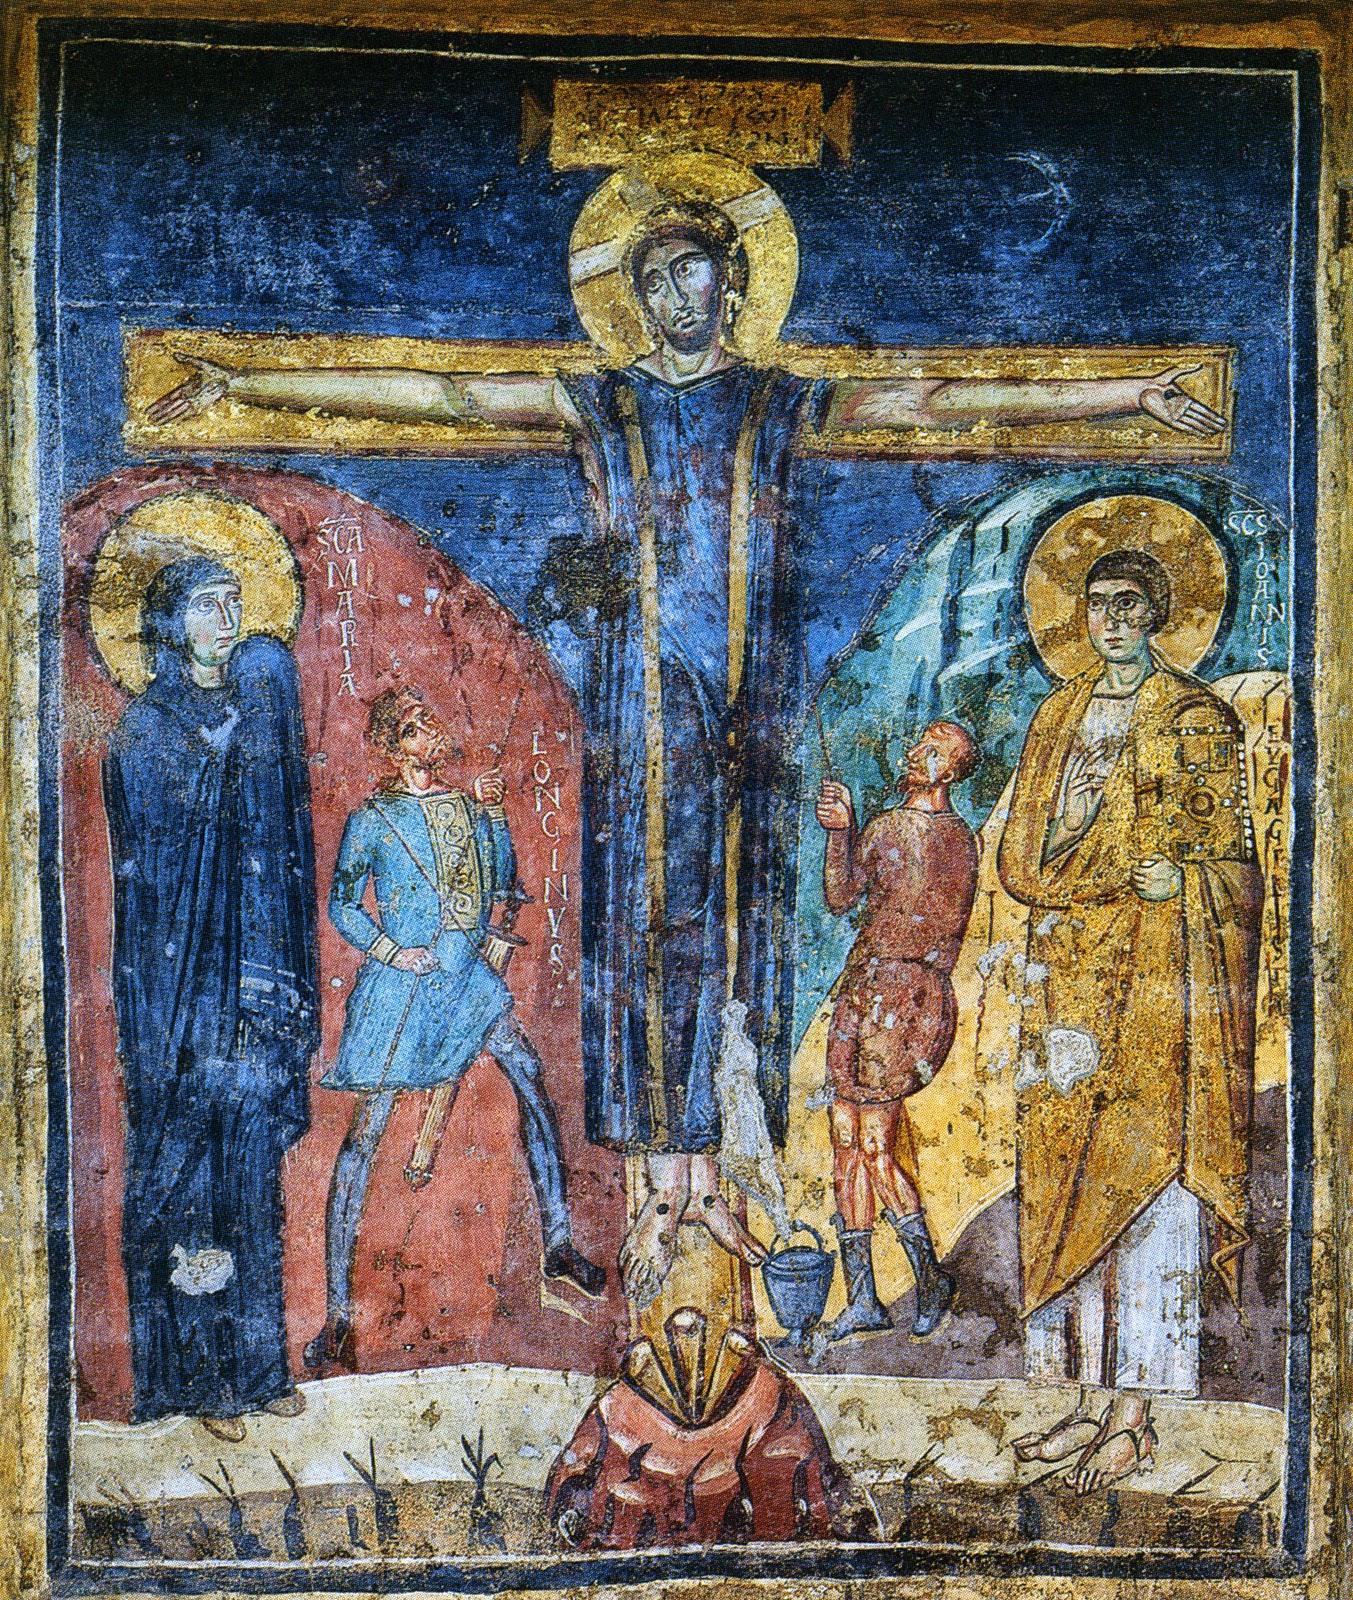 Σπάνια εικόνα της Σταύρωσης από το Σινά http://leipsanothiki.blogspot.be/